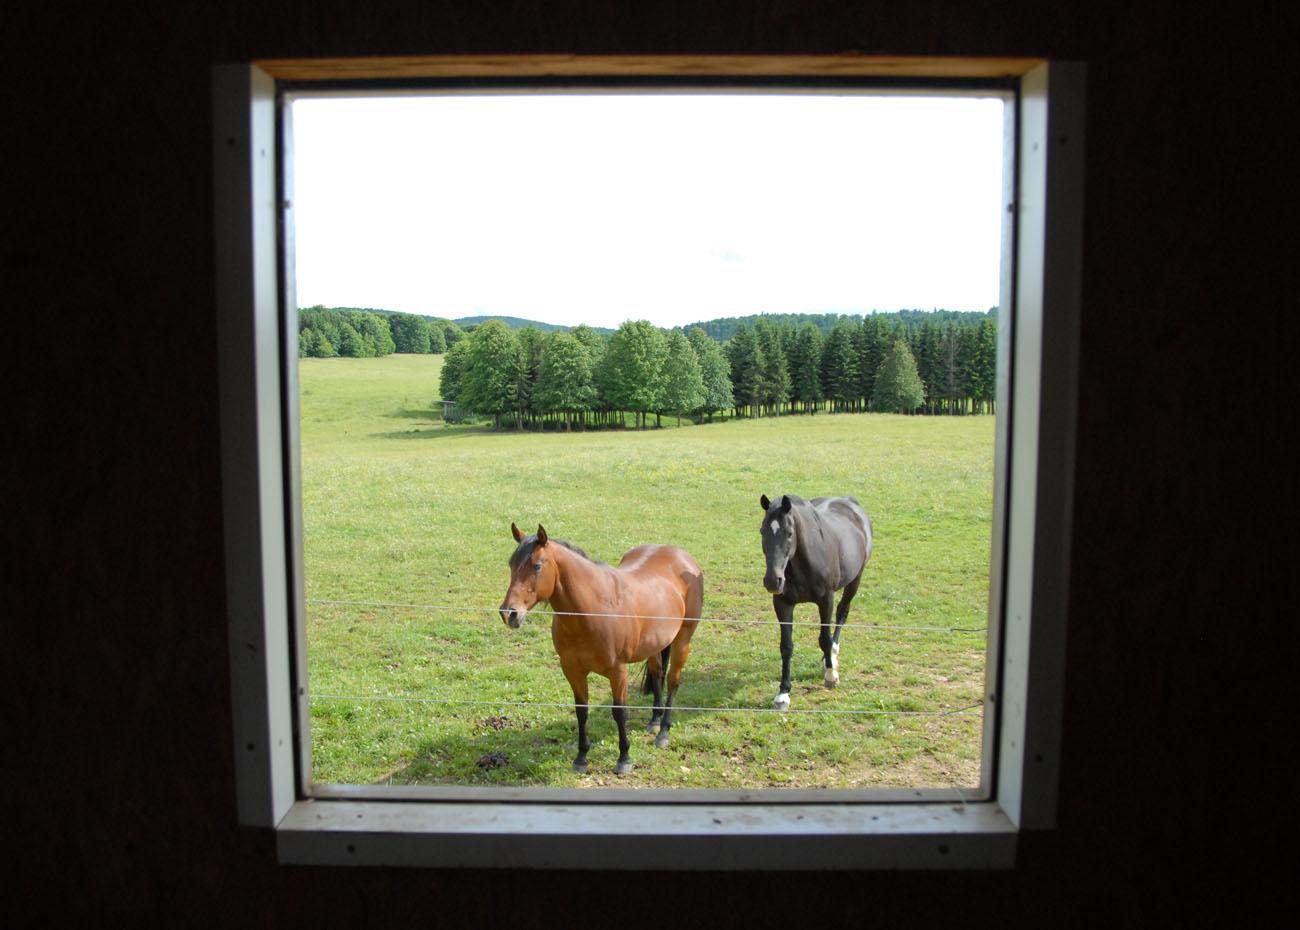 3. Pferdepension_1300x930_Blick aus dem Fenster